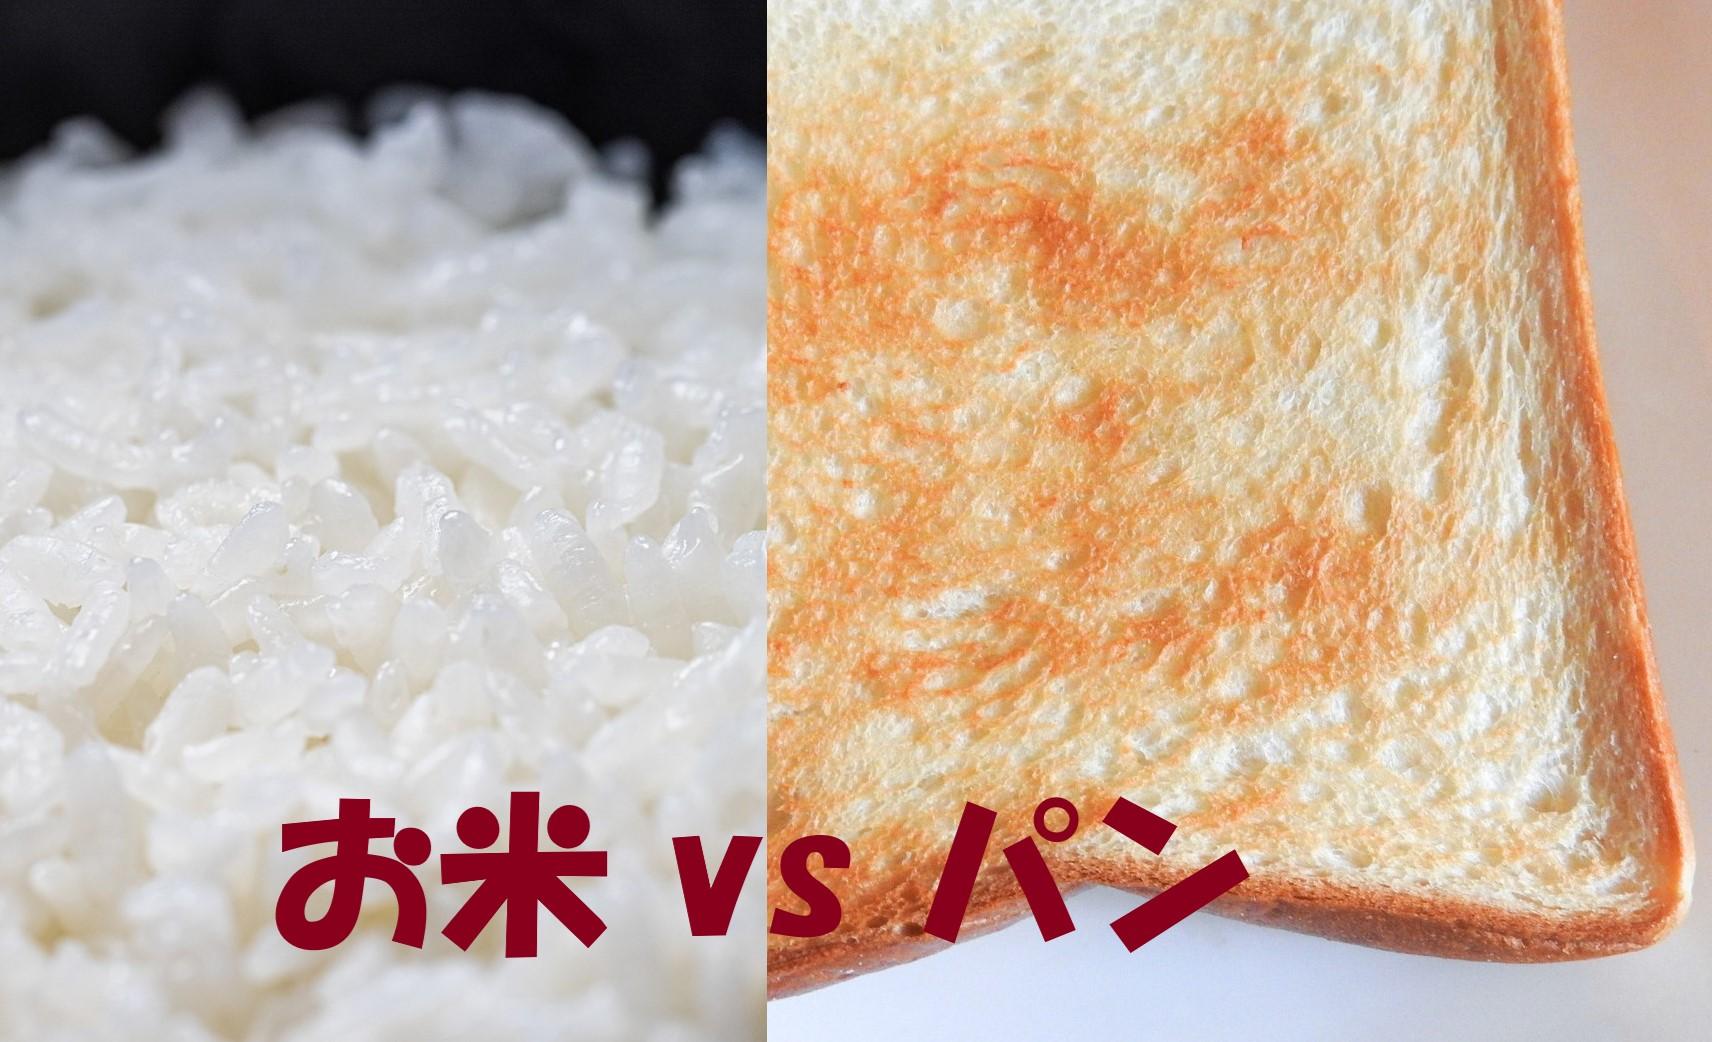 あなたはお米派?パン派?